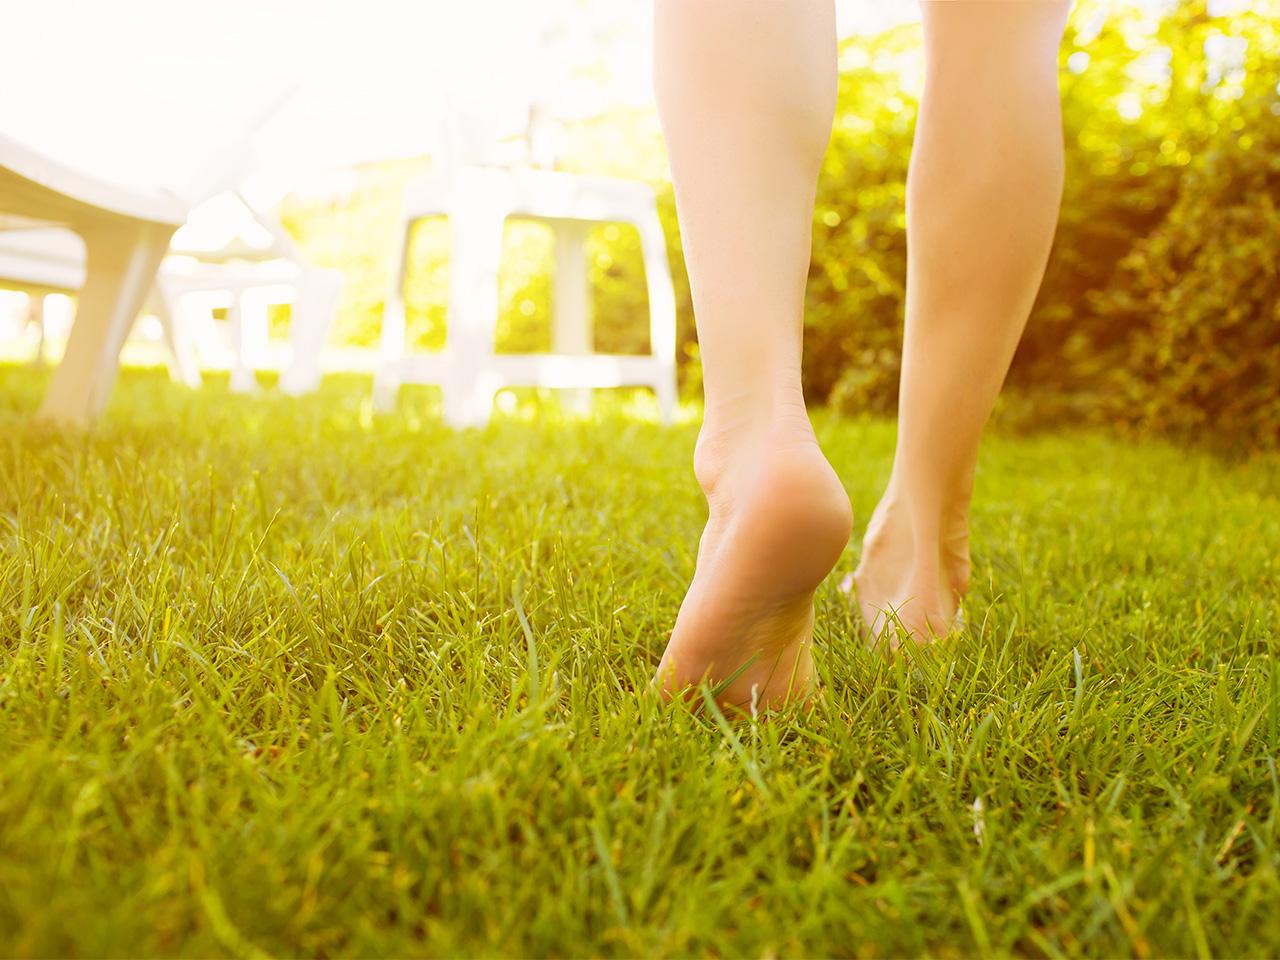 barfota i gräset